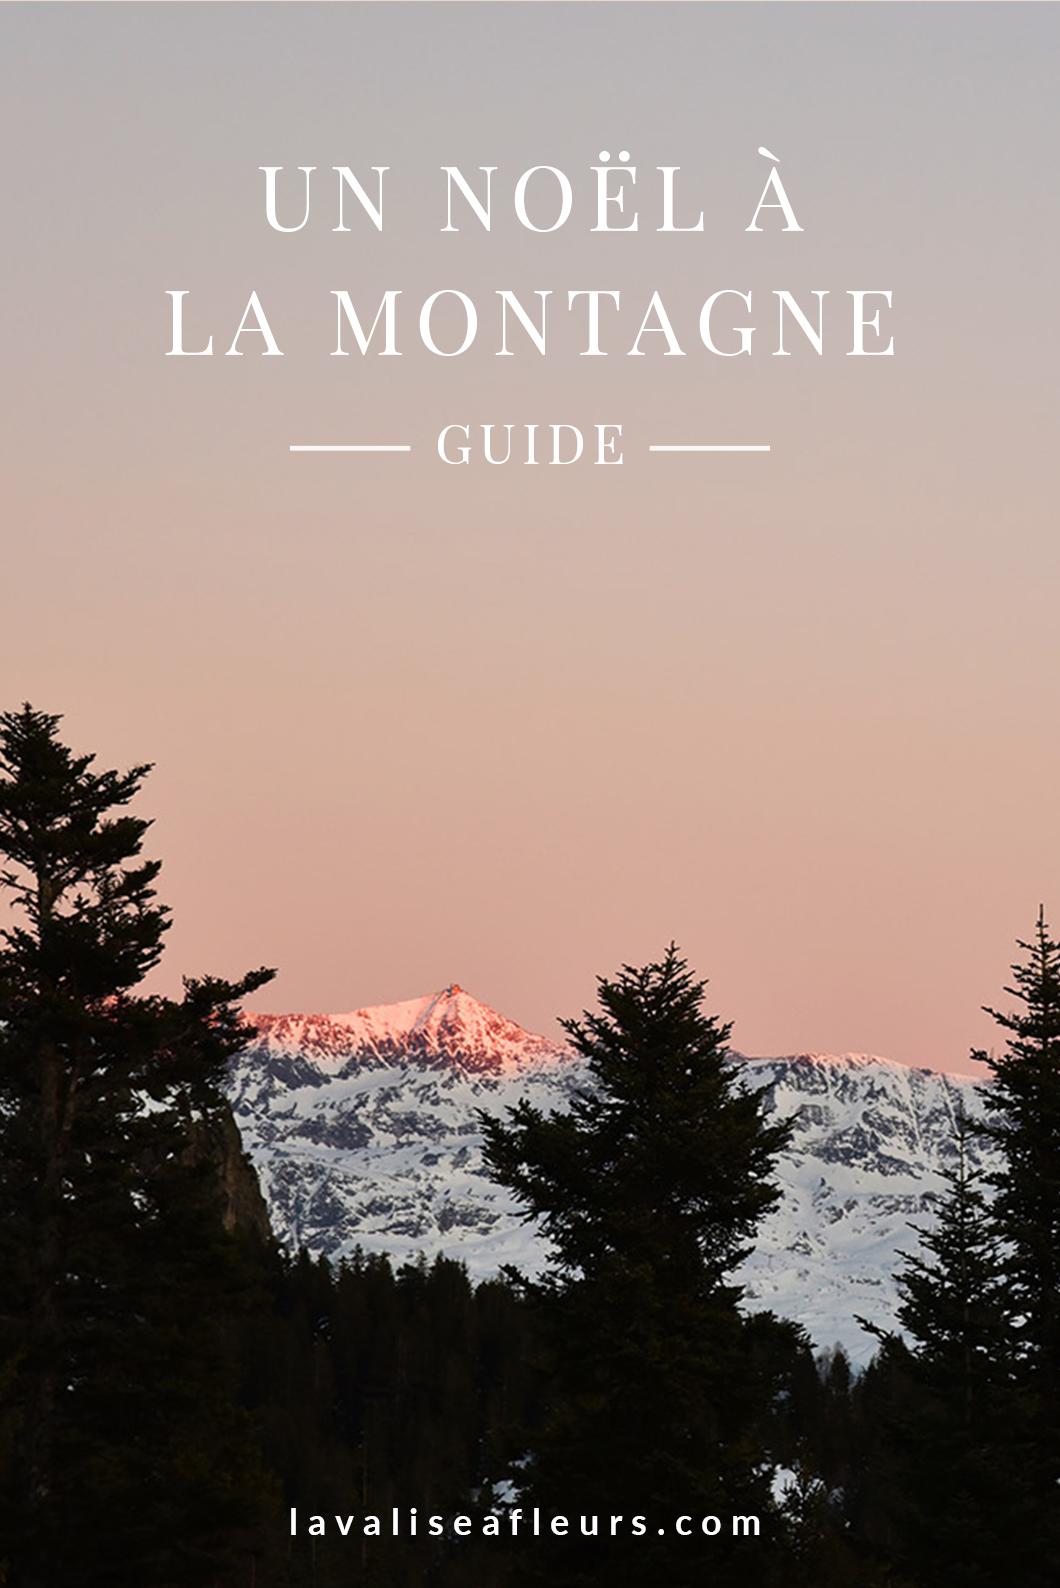 Guide d'un Noël à la montagne